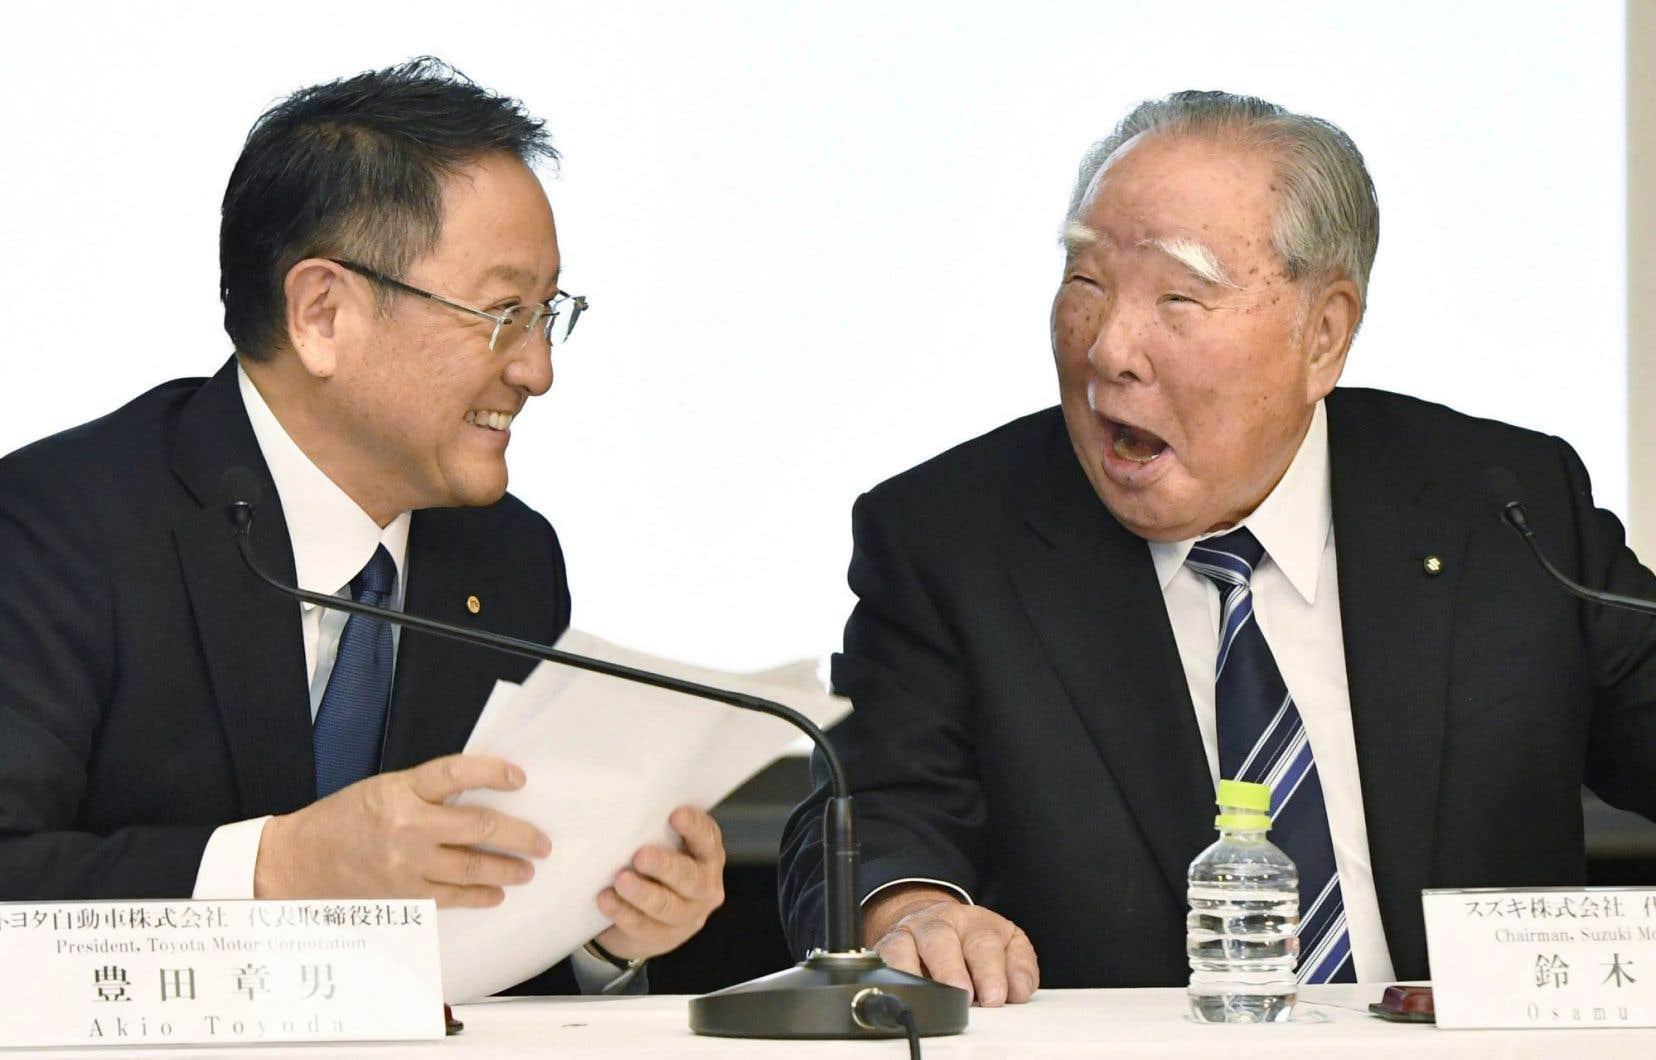 Le président de Toyota, Akio Toyoda (à gauche) et le président de Suzuki, Osamu Suzuki (à droite)